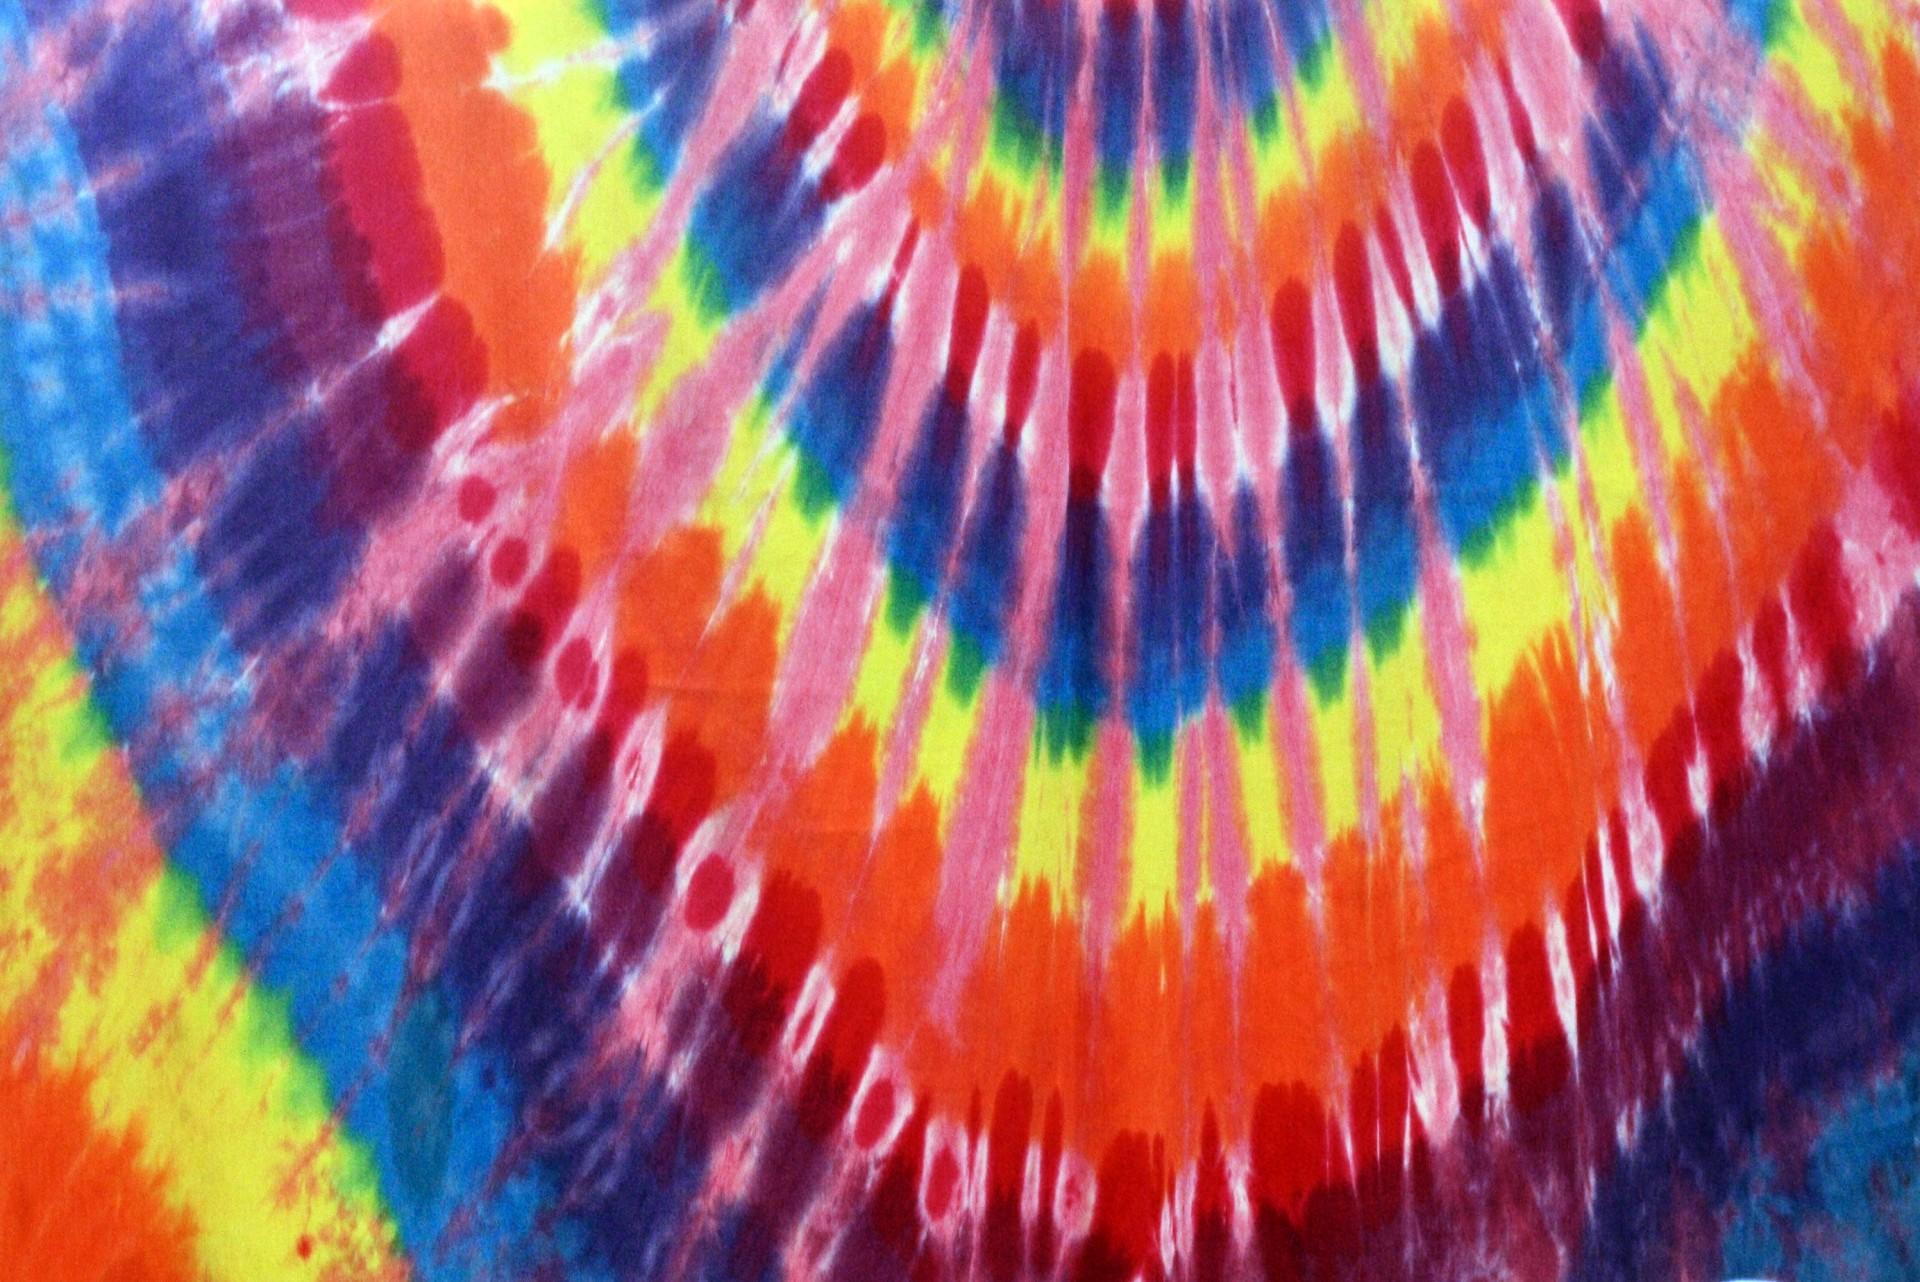 POSTPONED - Shibori Tie-Dye